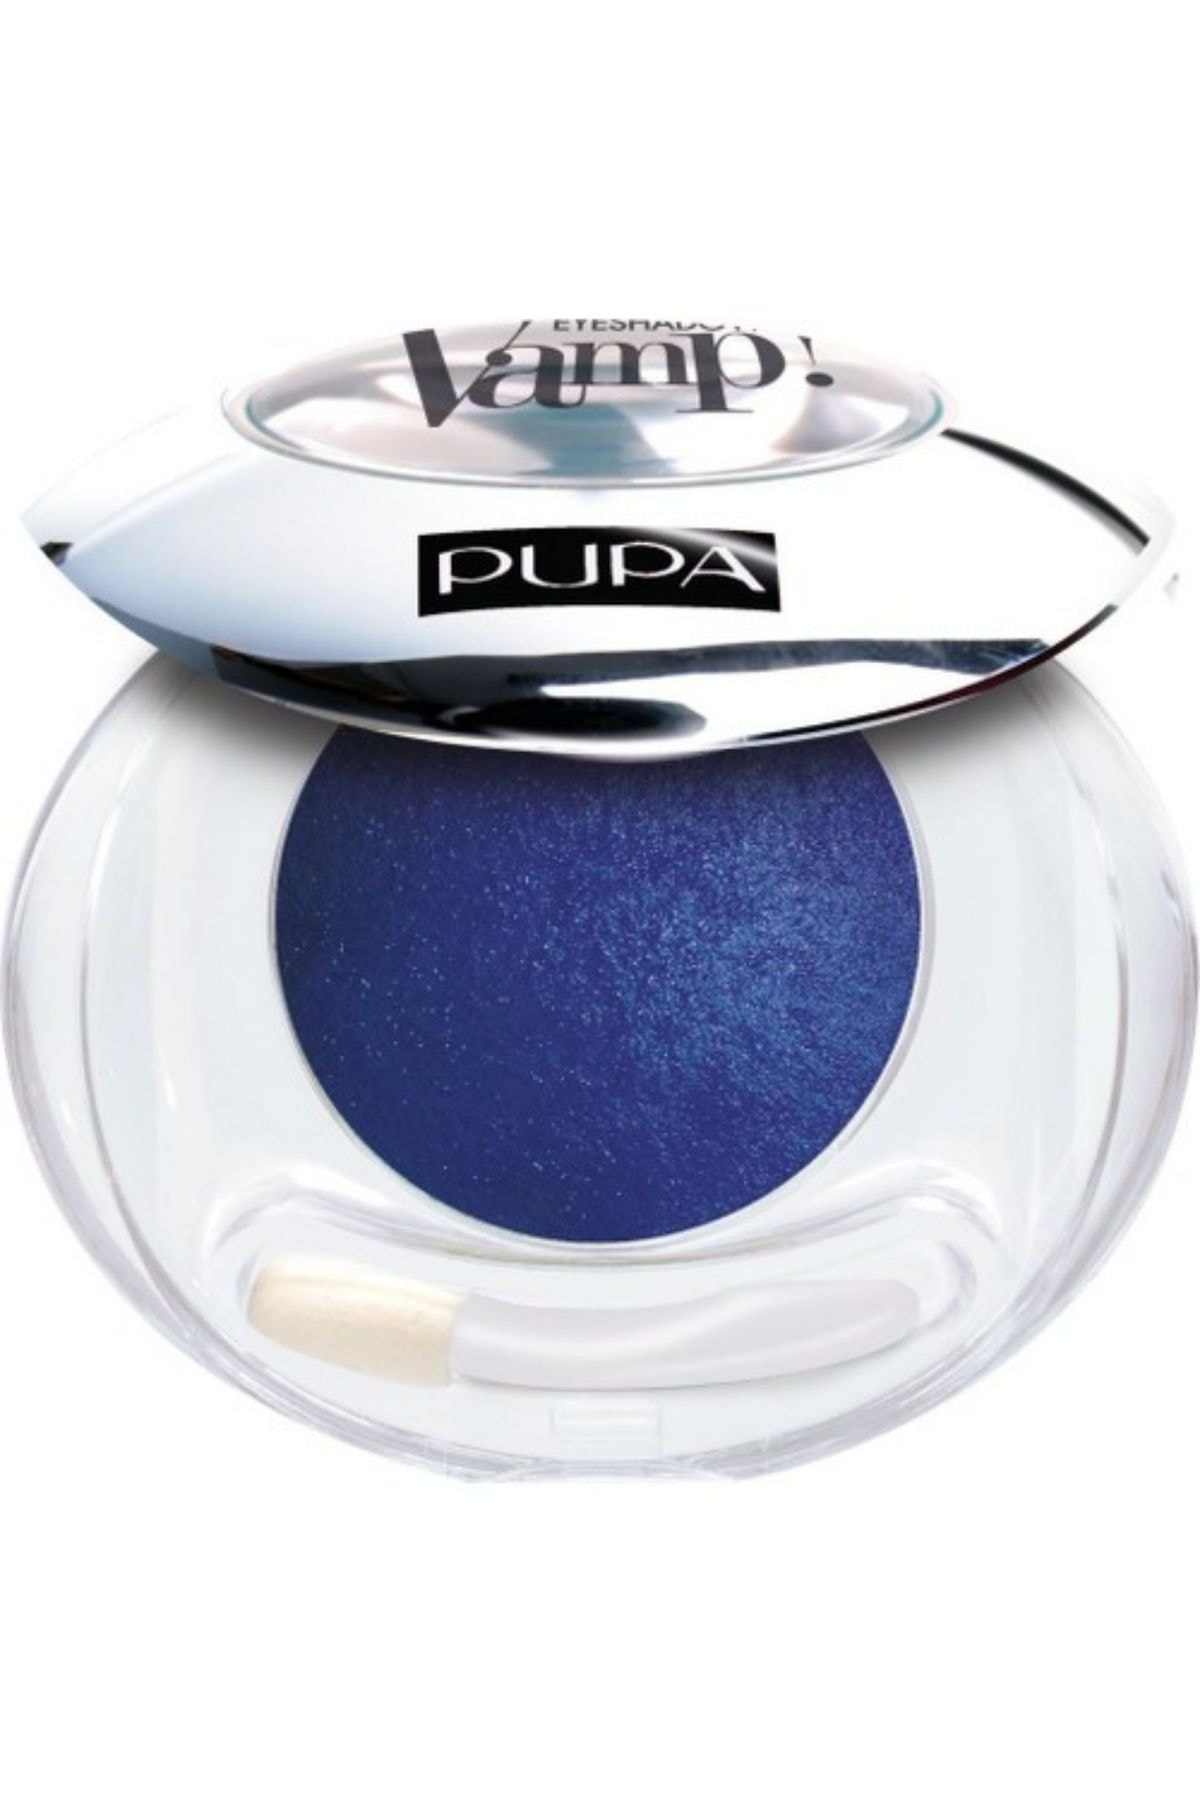 Pupa Milano Göz Farı - Vamp Wet & Dry Far 305 8011607203758 0